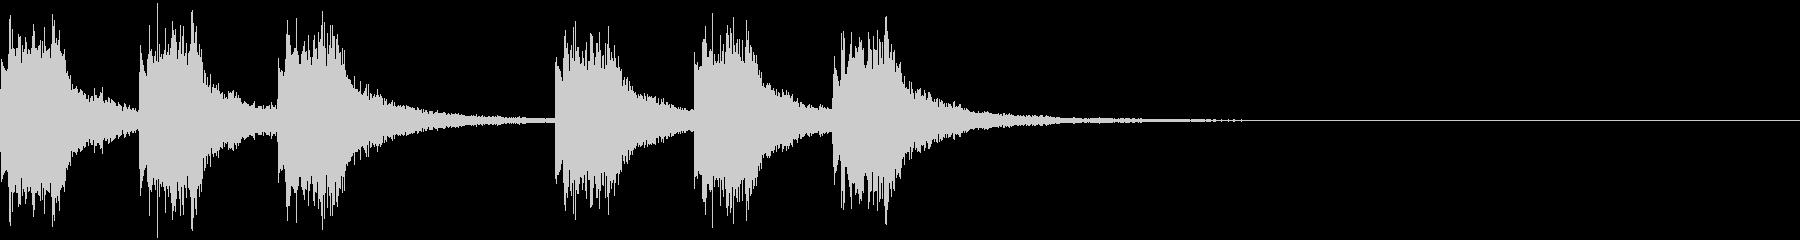 綺麗で印象的な着信・通知音2の未再生の波形